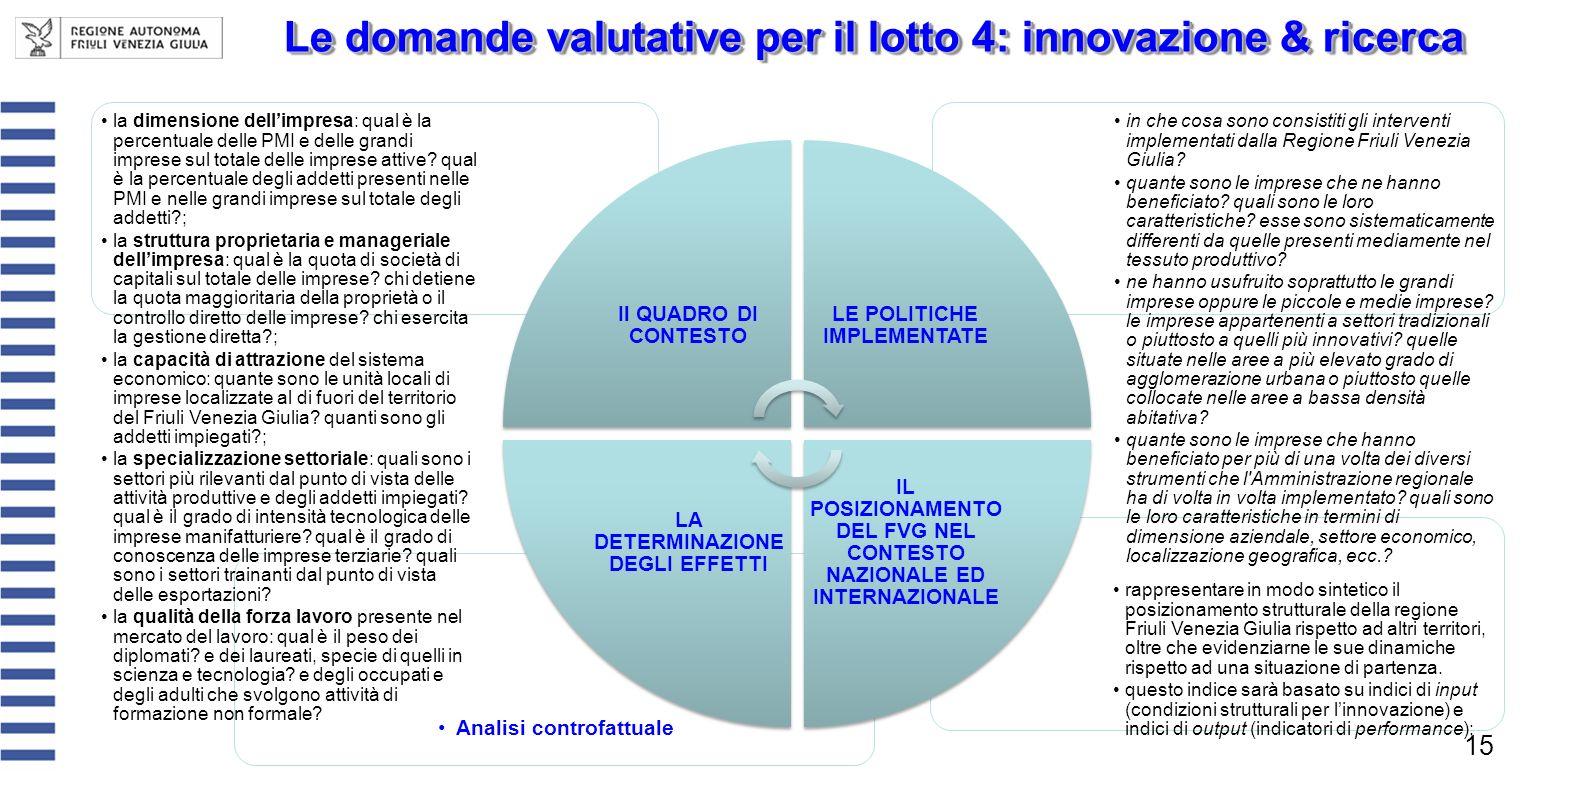 rappresentare in modo sintetico il posizionamento strutturale della regione Friuli Venezia Giulia rispetto ad altri territori, oltre che evidenziarne